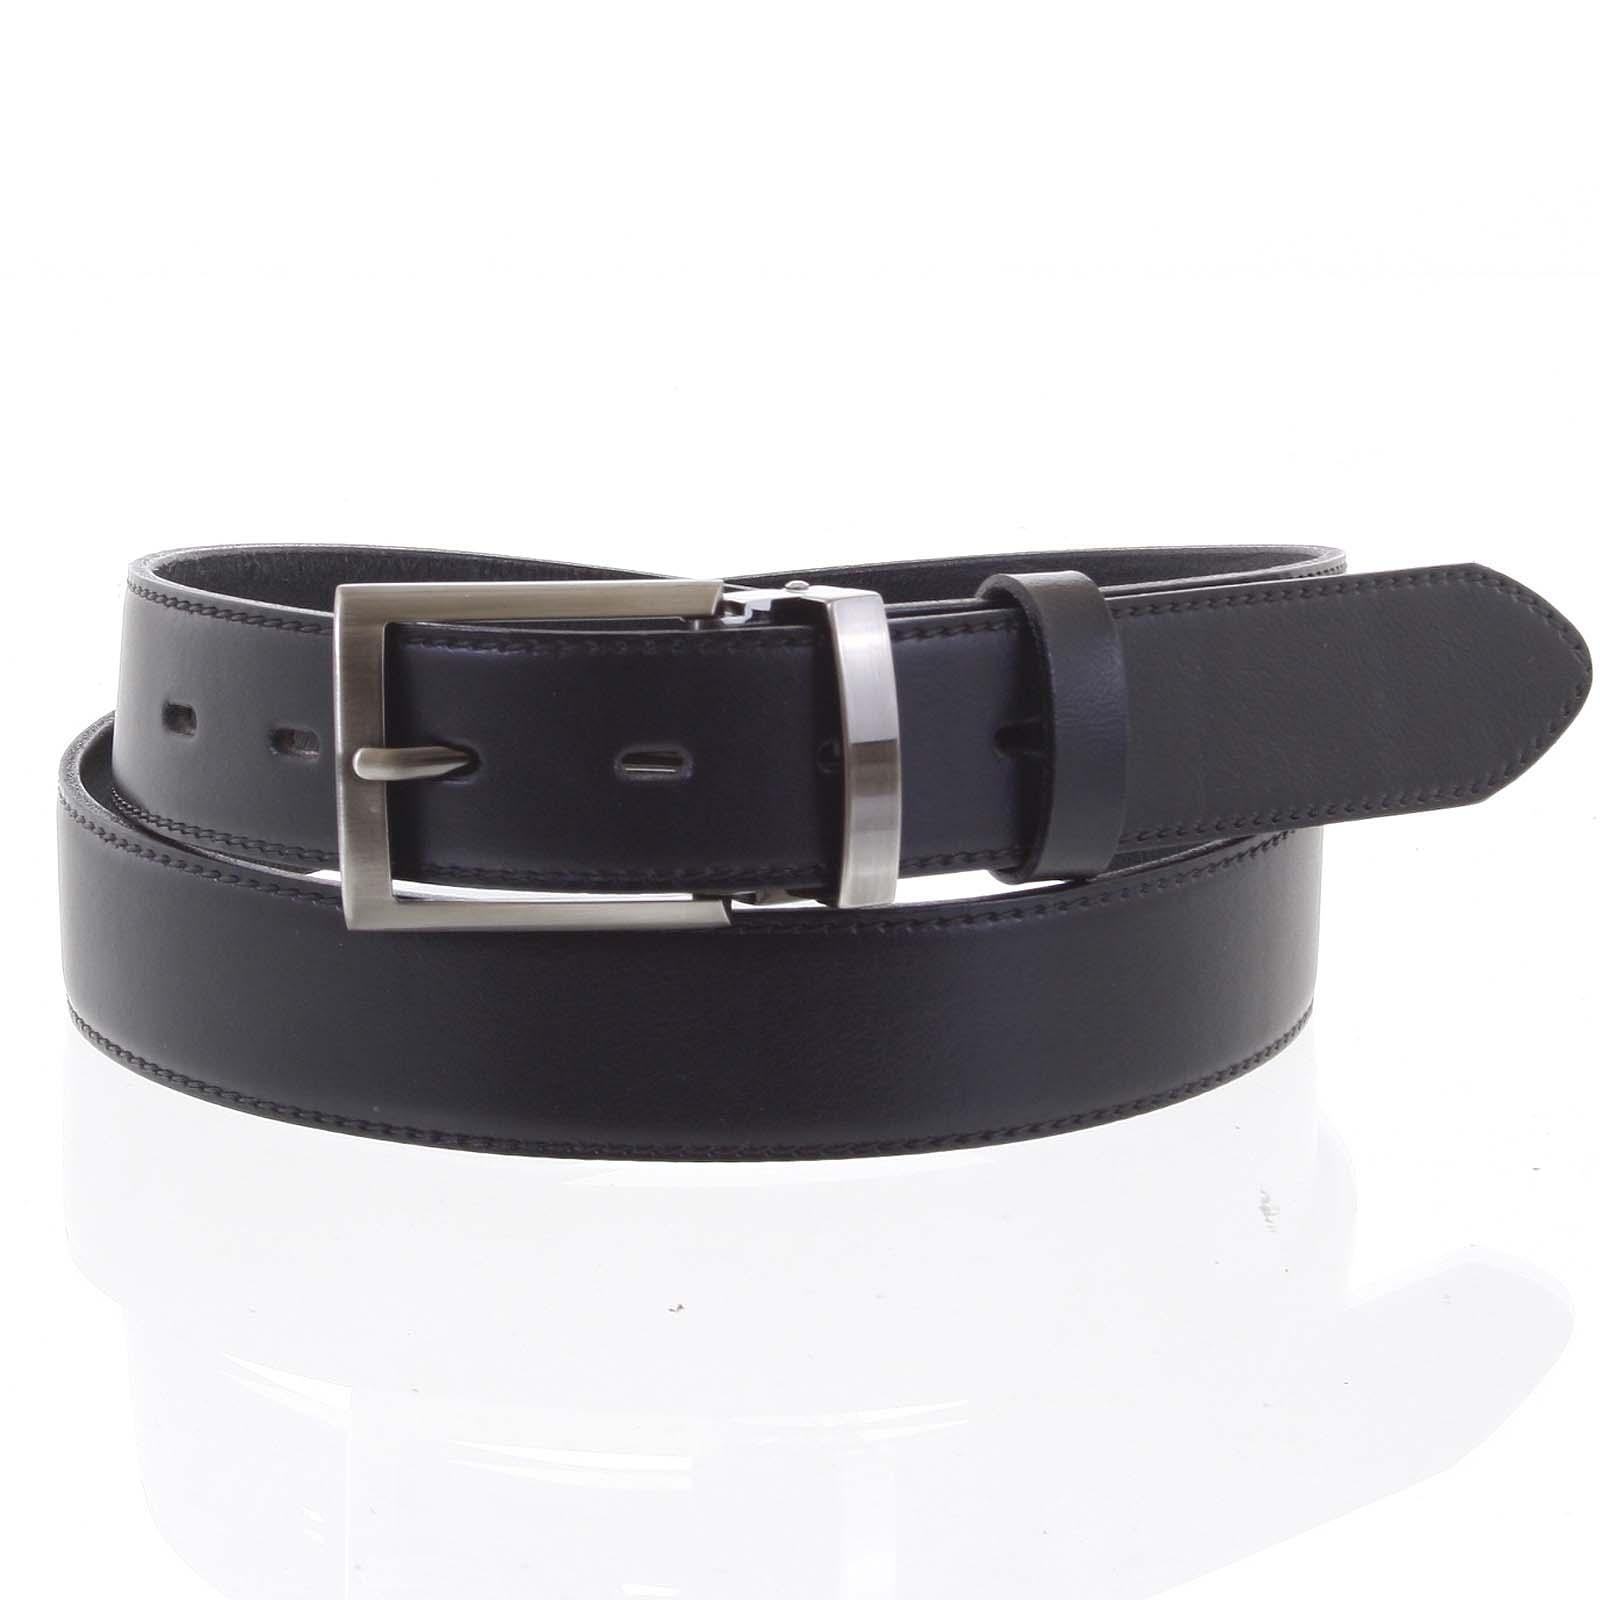 Pánsky kožený opasok oblekový čierny - PB Reph 105